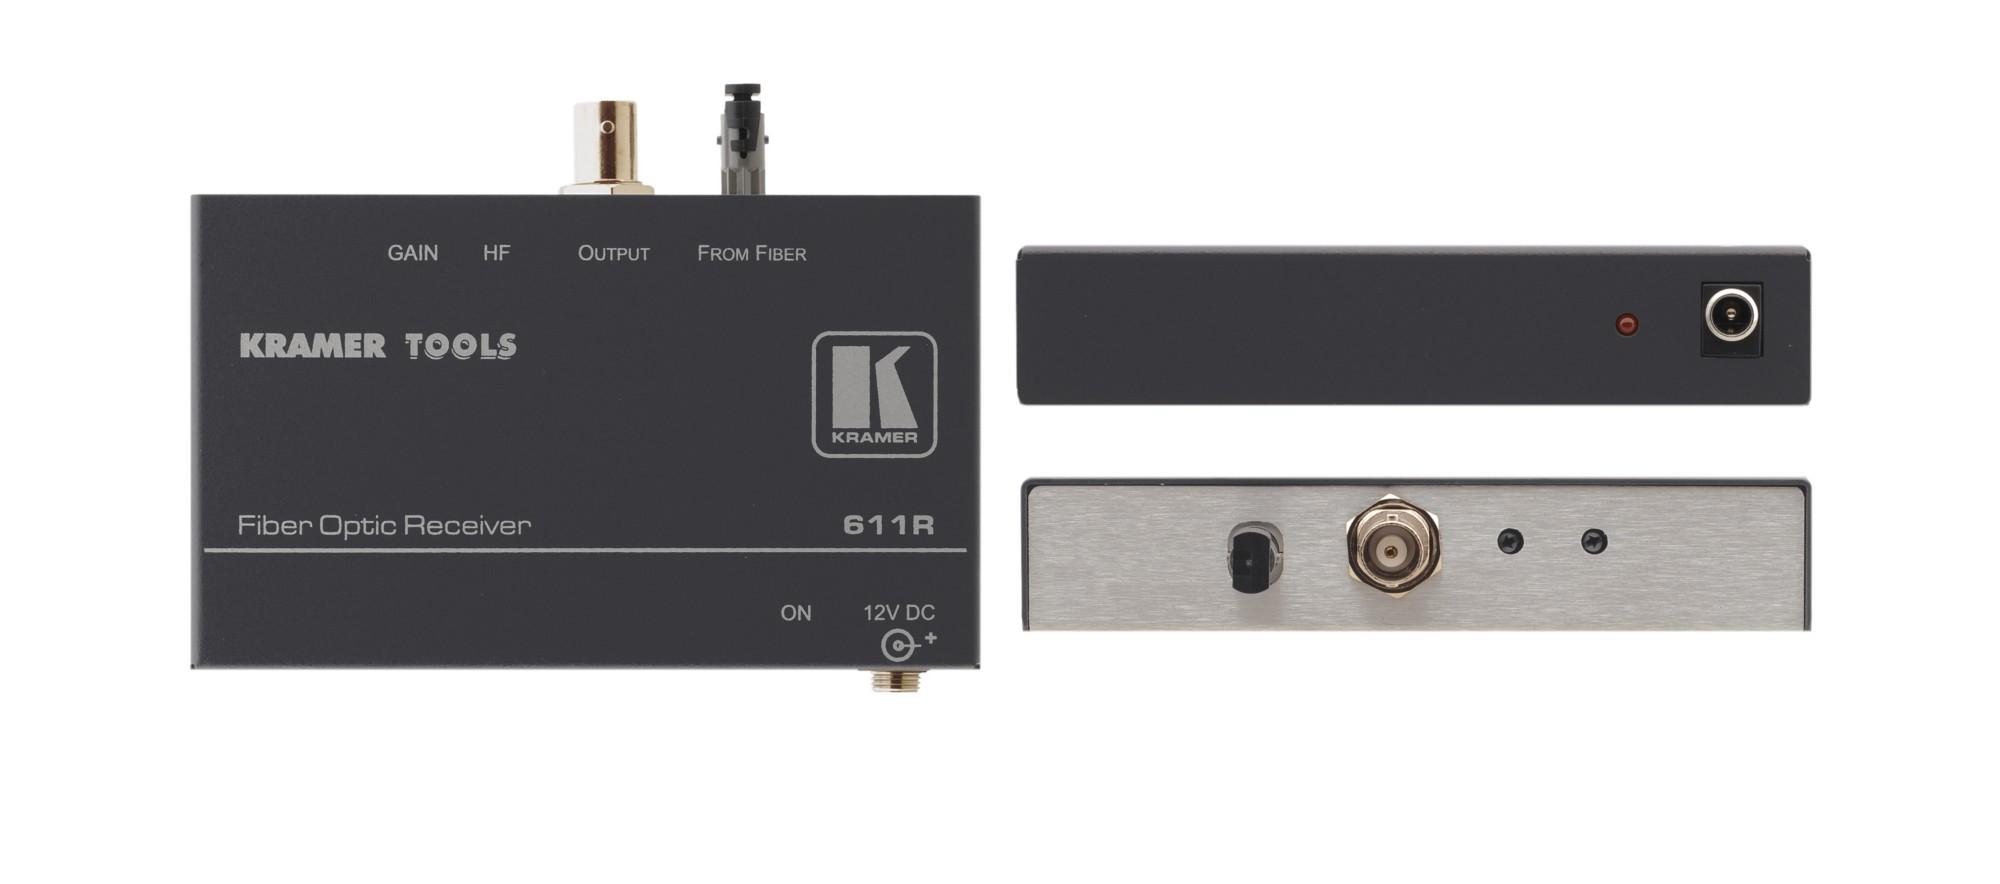 Kramer Electronics 611R AV receiver Black AV extender